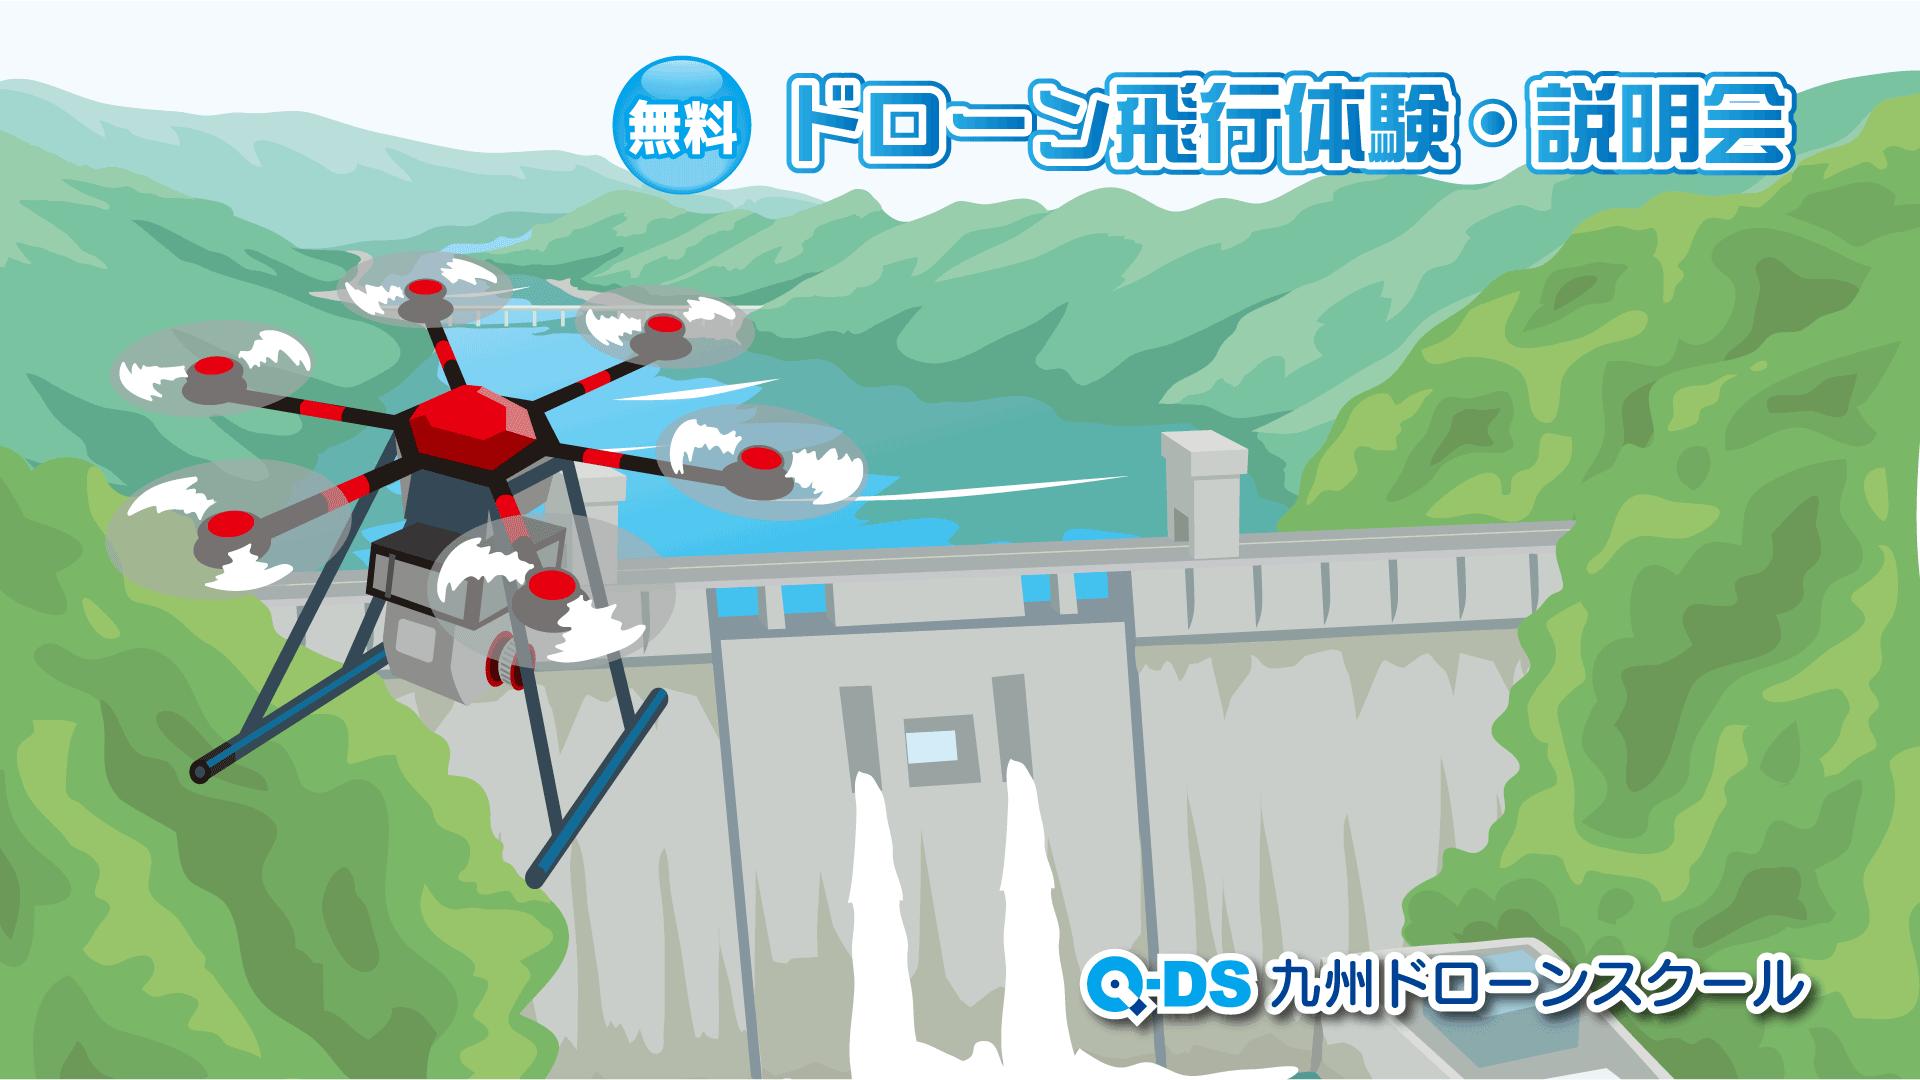 2021年6月熊本市で無料ドローン体験会